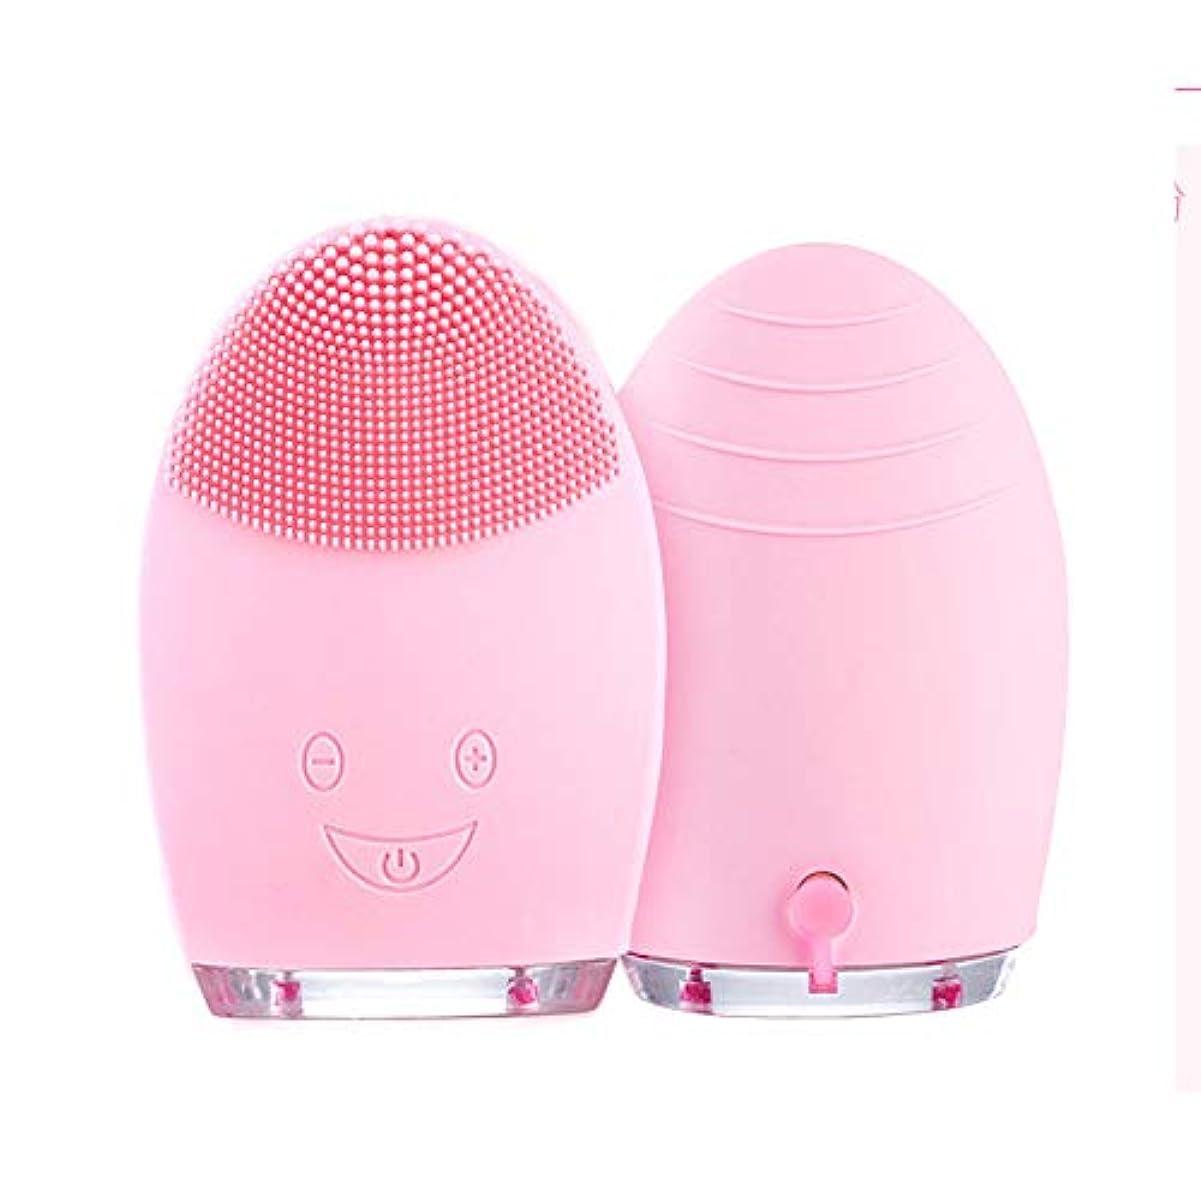 ハイジャック華氏第九電気顔の清潔になるブラシ、超音波表面剥離のブラシの防水マッサージャーの反老化する皮の清潔になるシステム,Pink